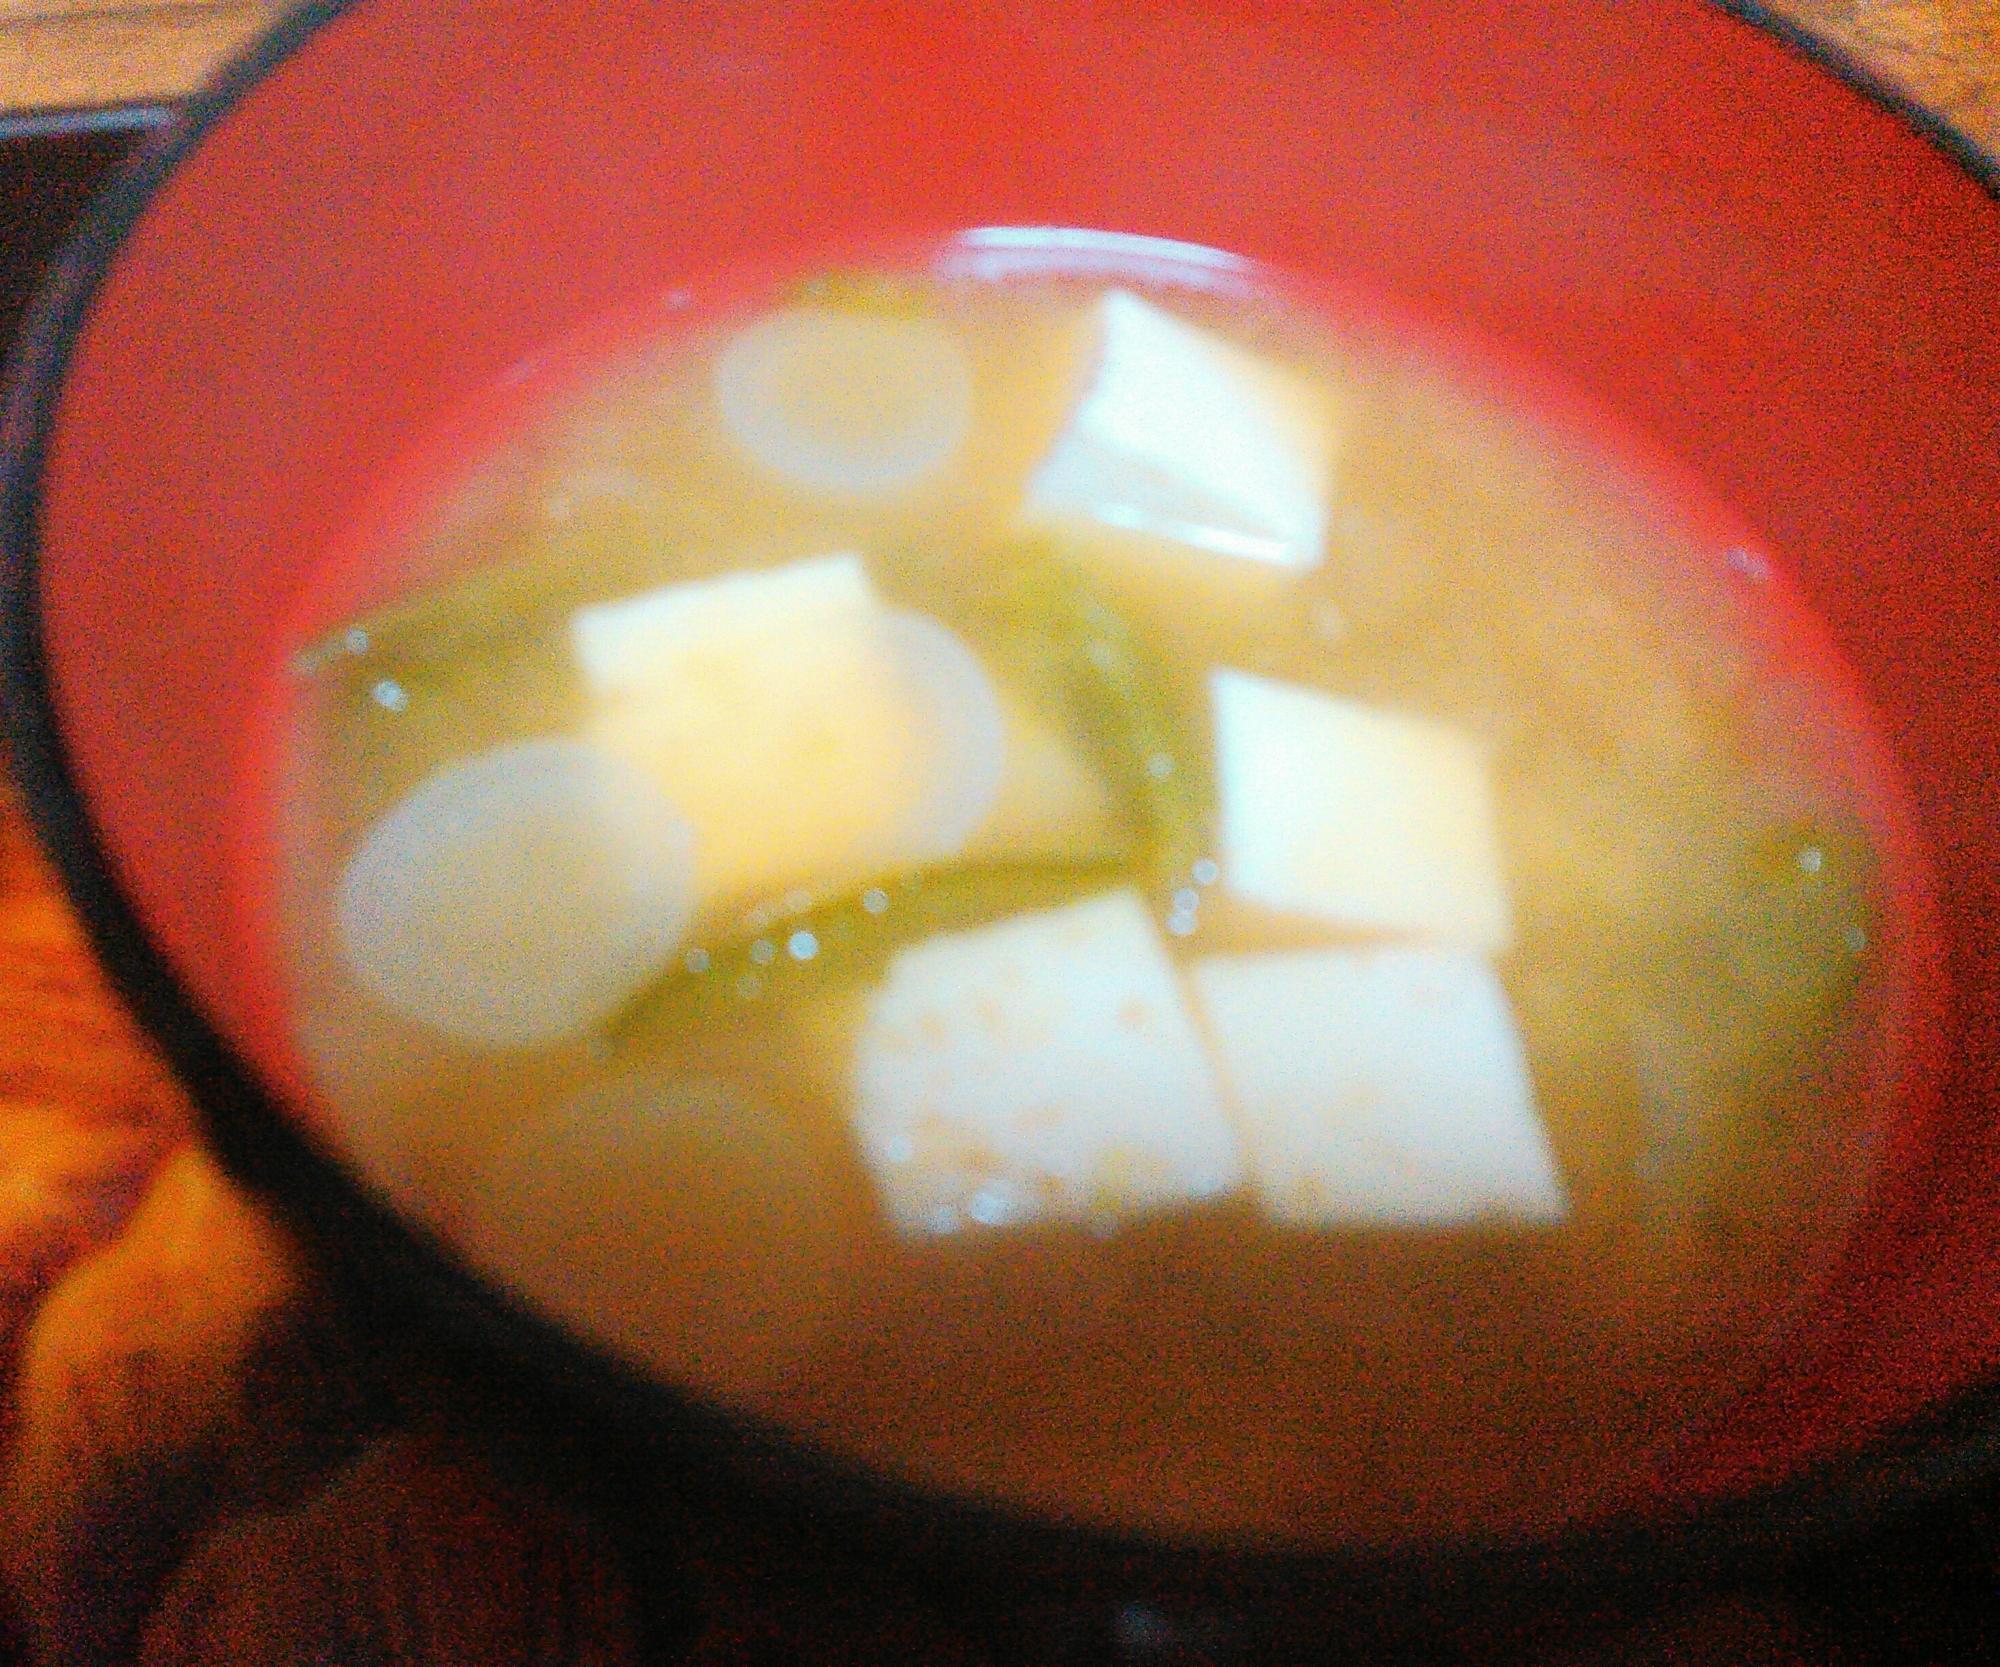 ピーマン豆腐ネギの味噌汁